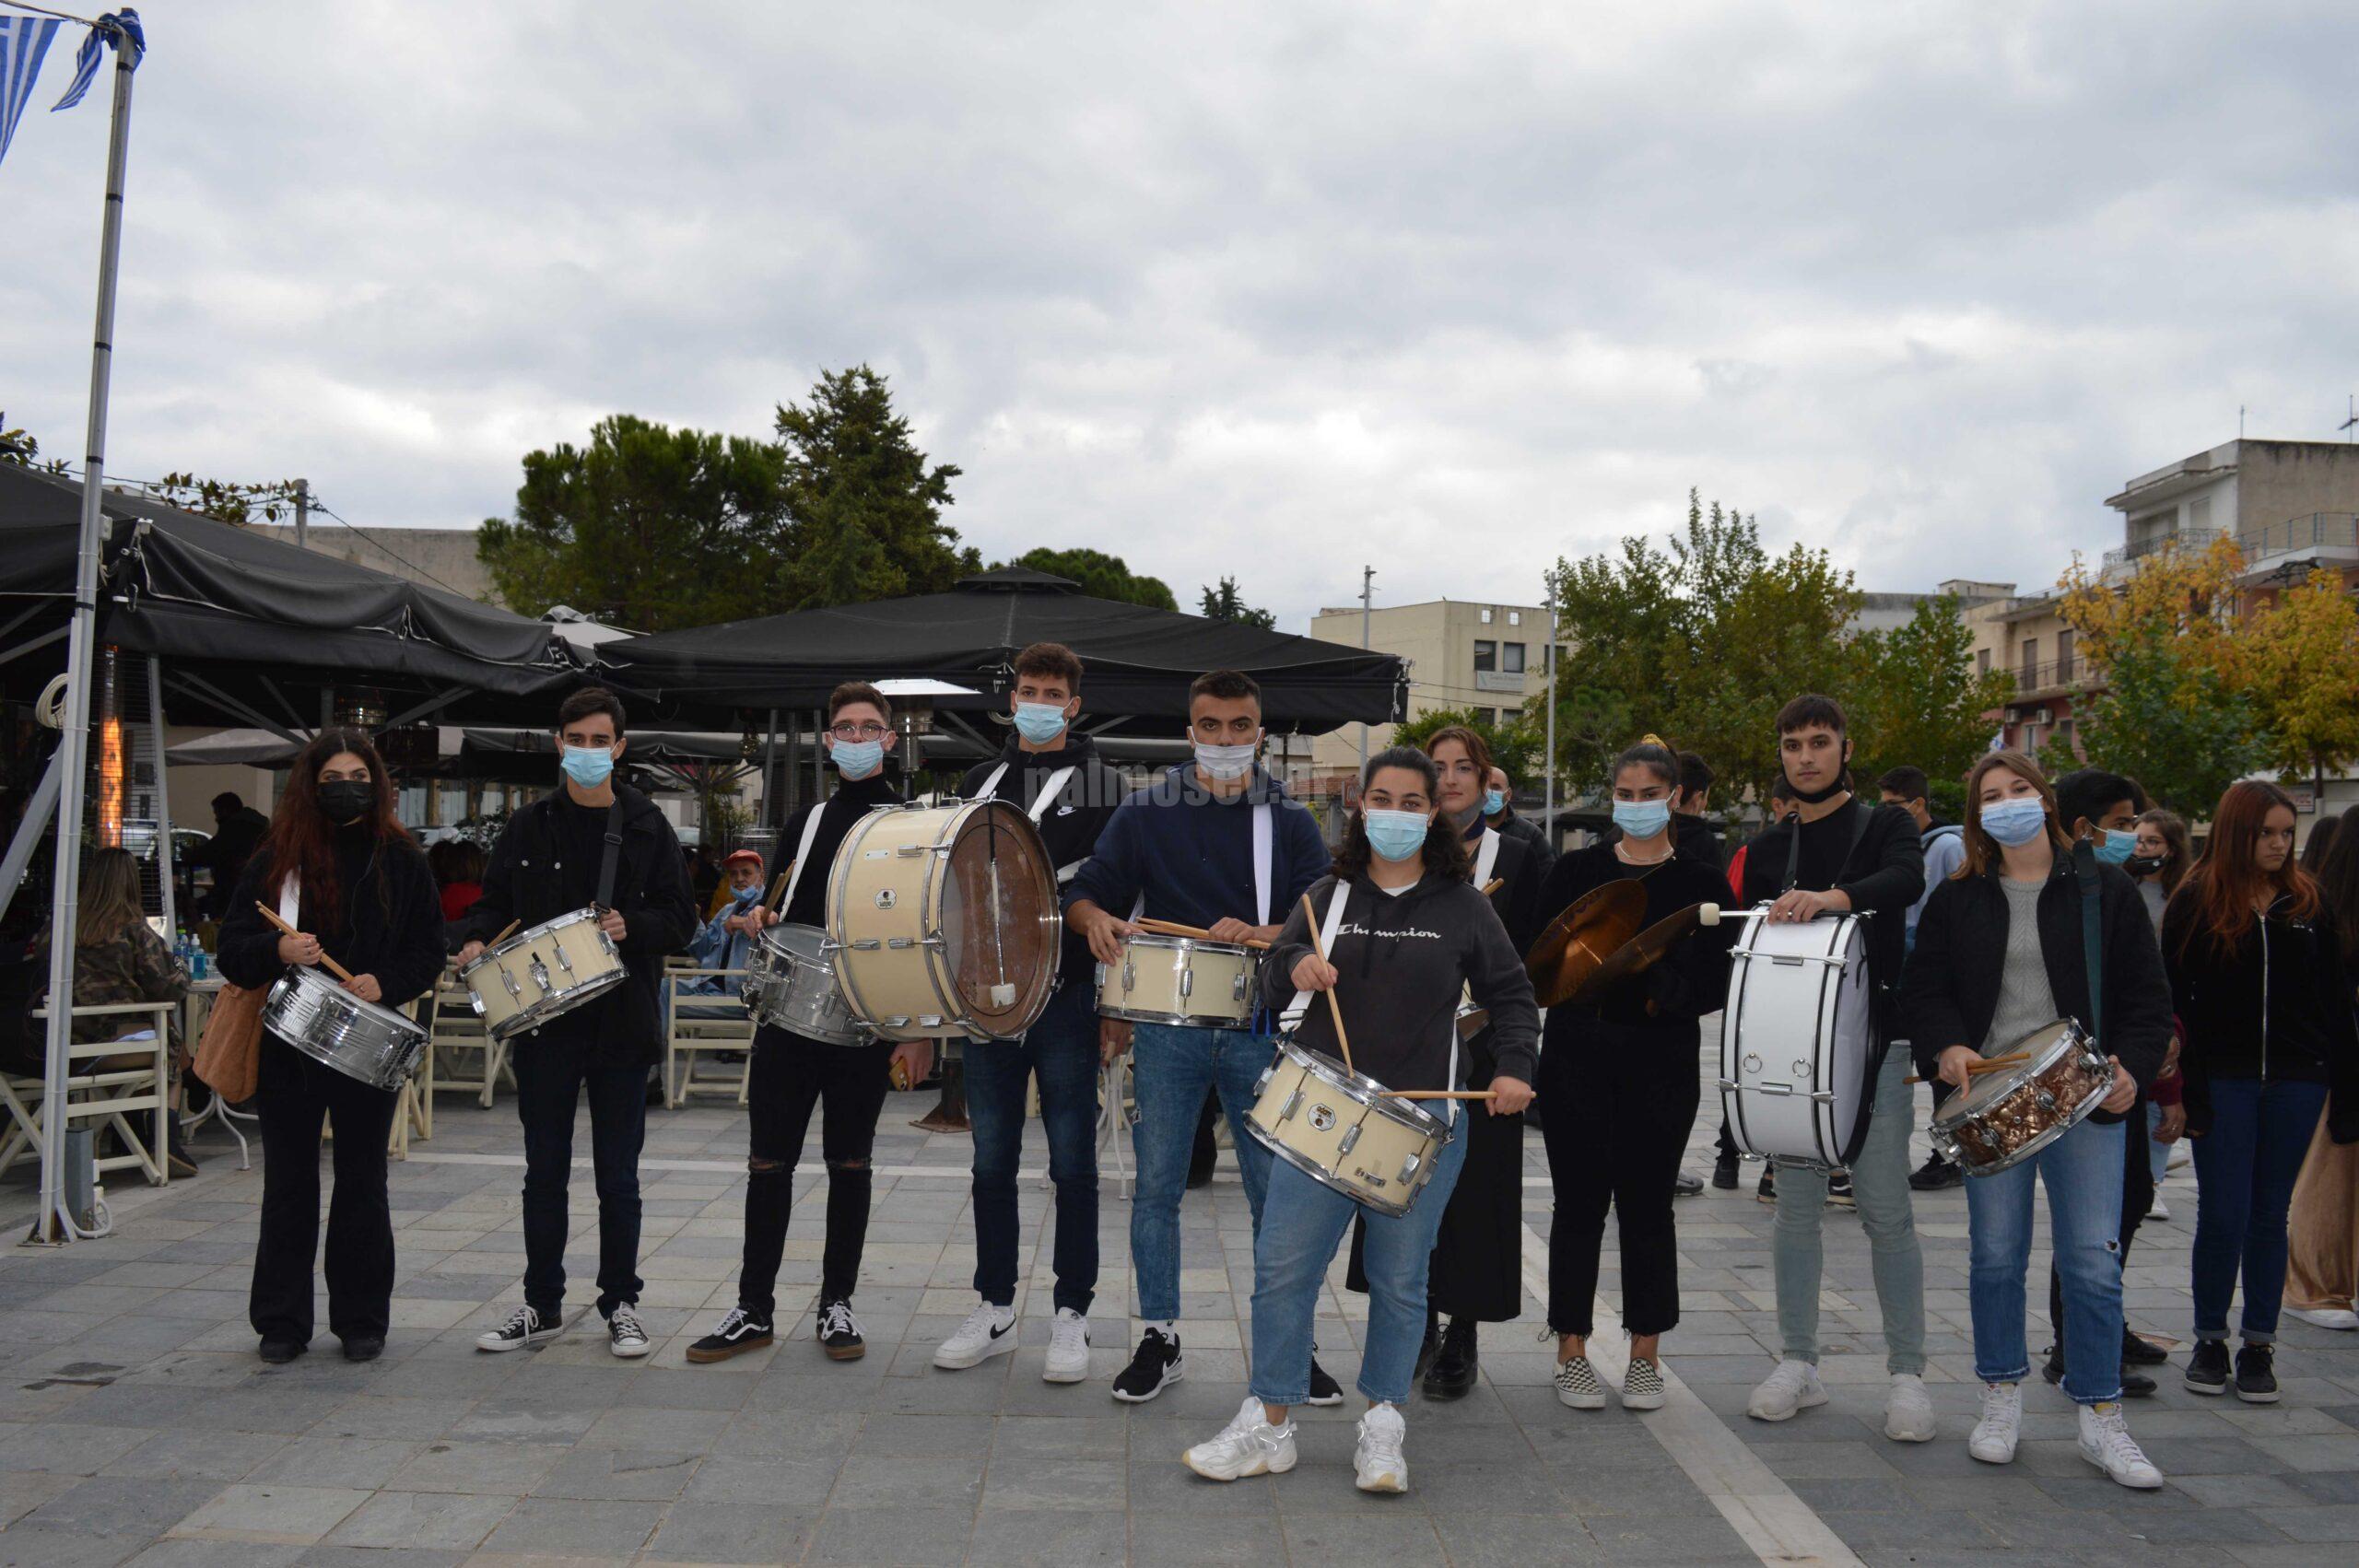 Ζωντάνεψε η πλατεία Ιστιαίας με τον μαθητόκοσμο – Κατάθεση στεφάνων για την 28η Οκτωβρίου[video]